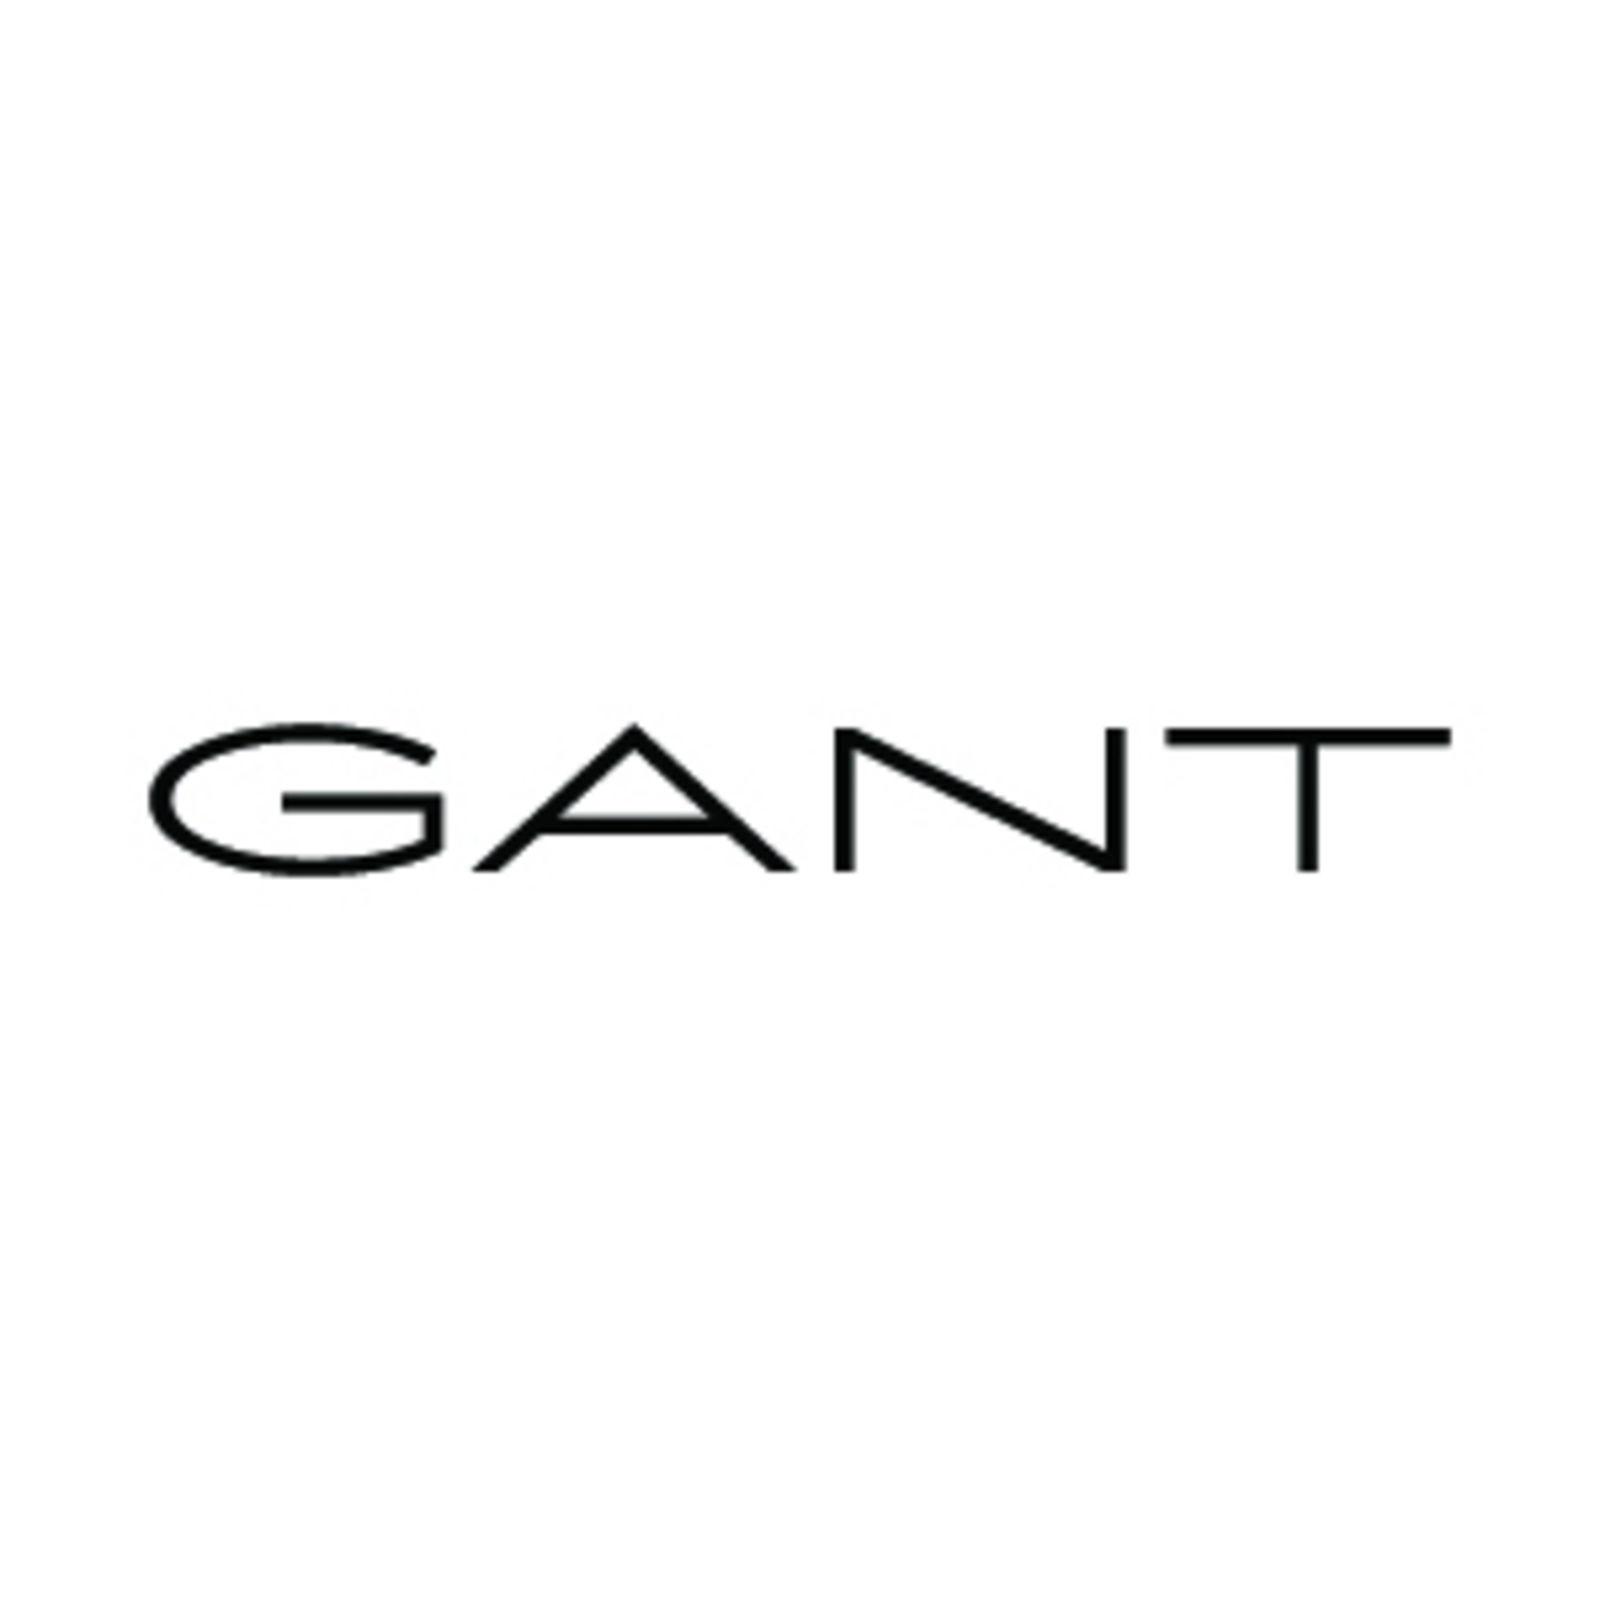 GANT Originals (Image 1)